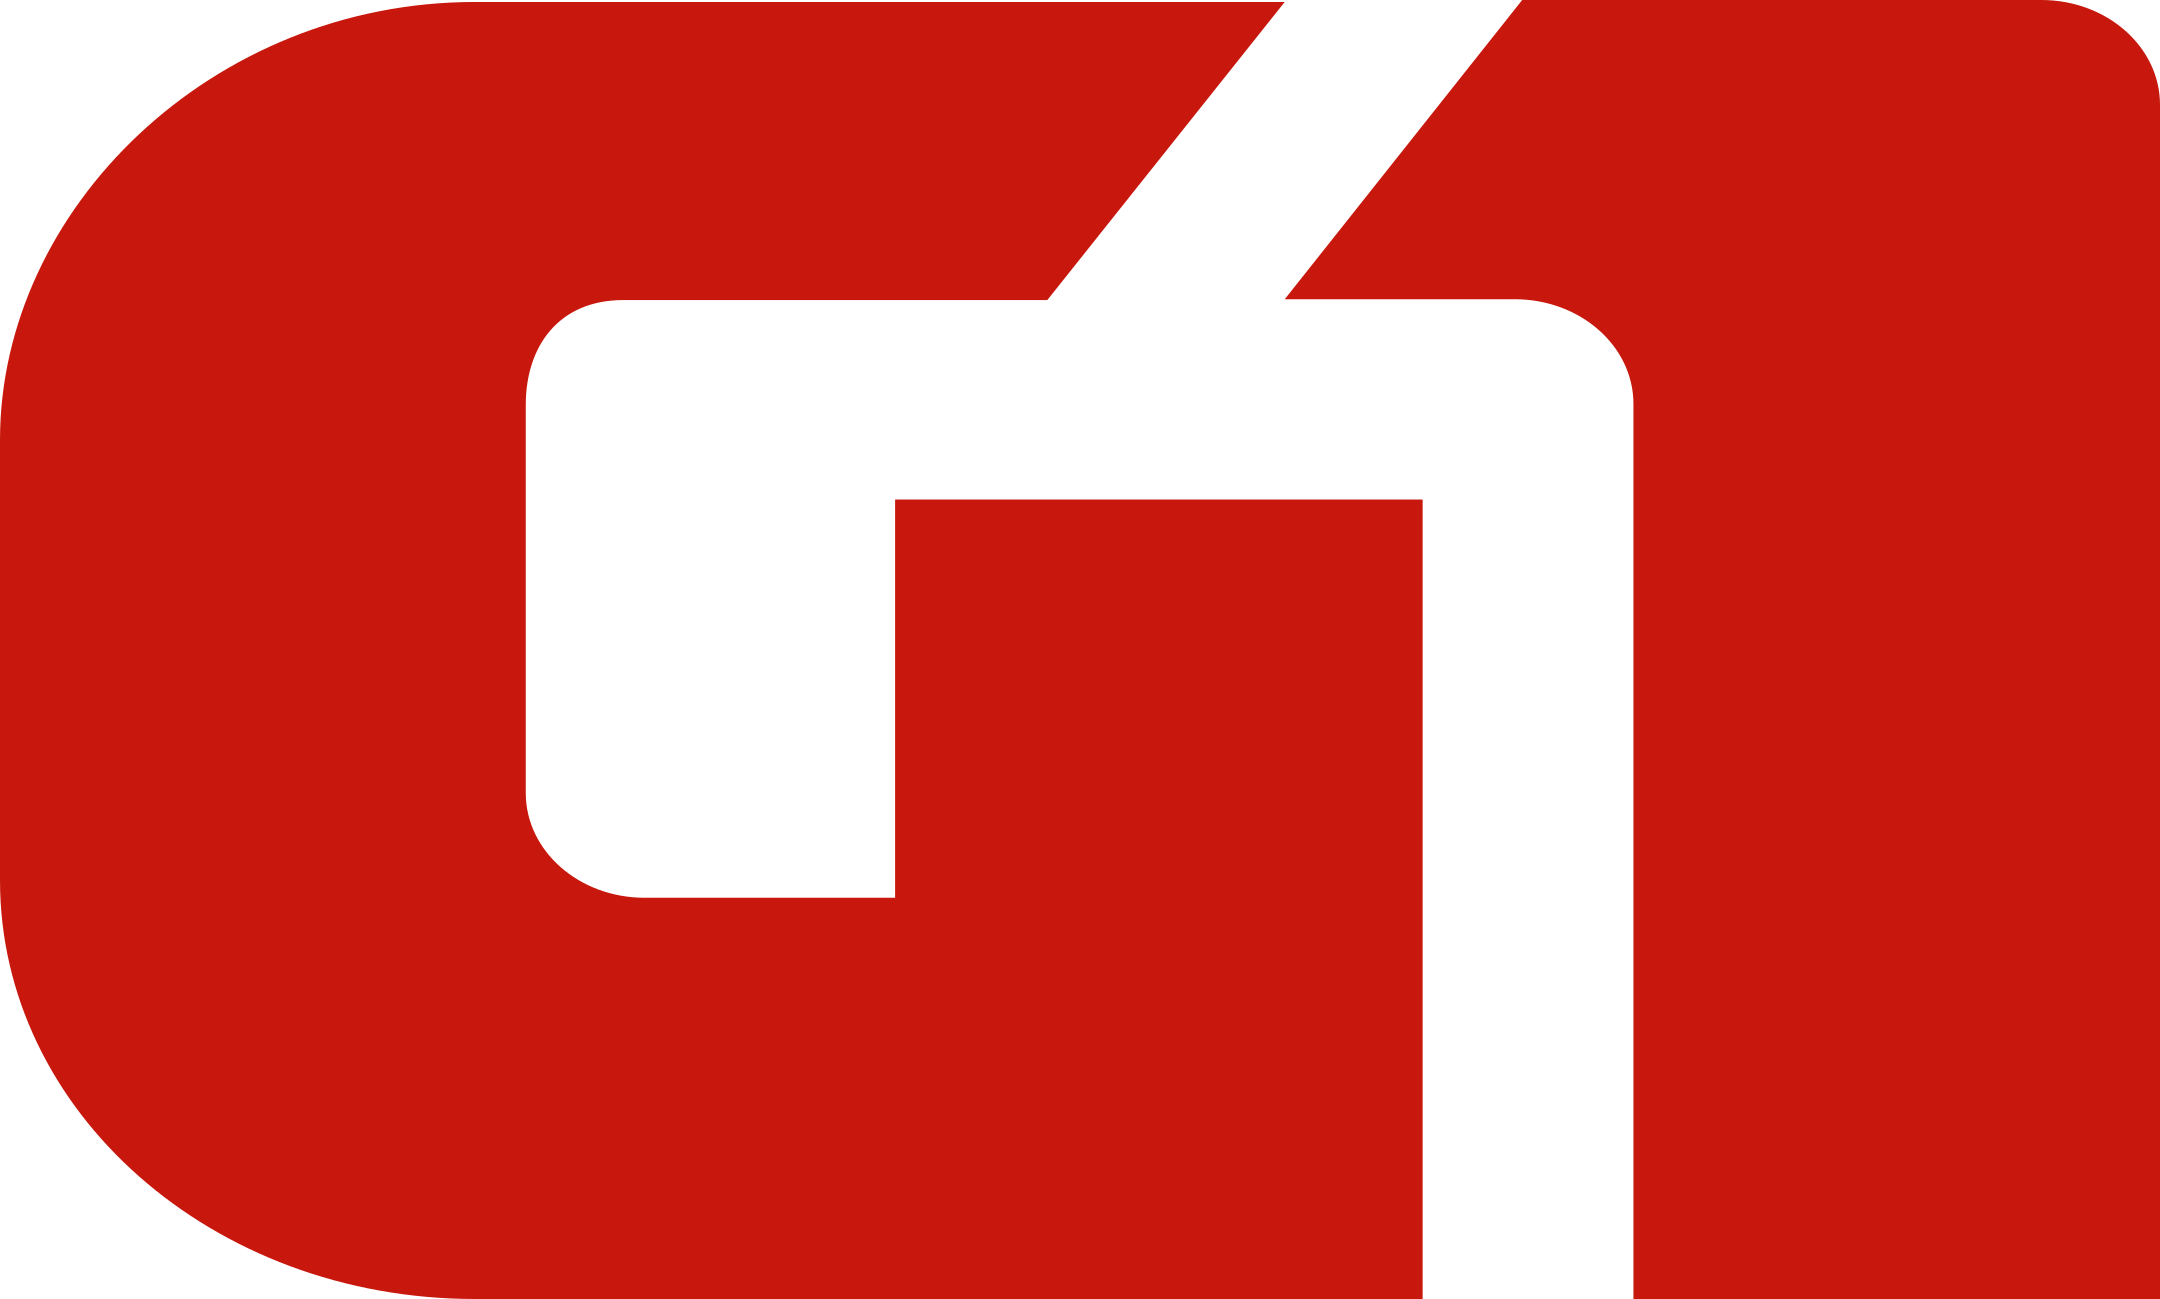 g1 logo 1 1 - G1 Logo - G1 Globo Logo